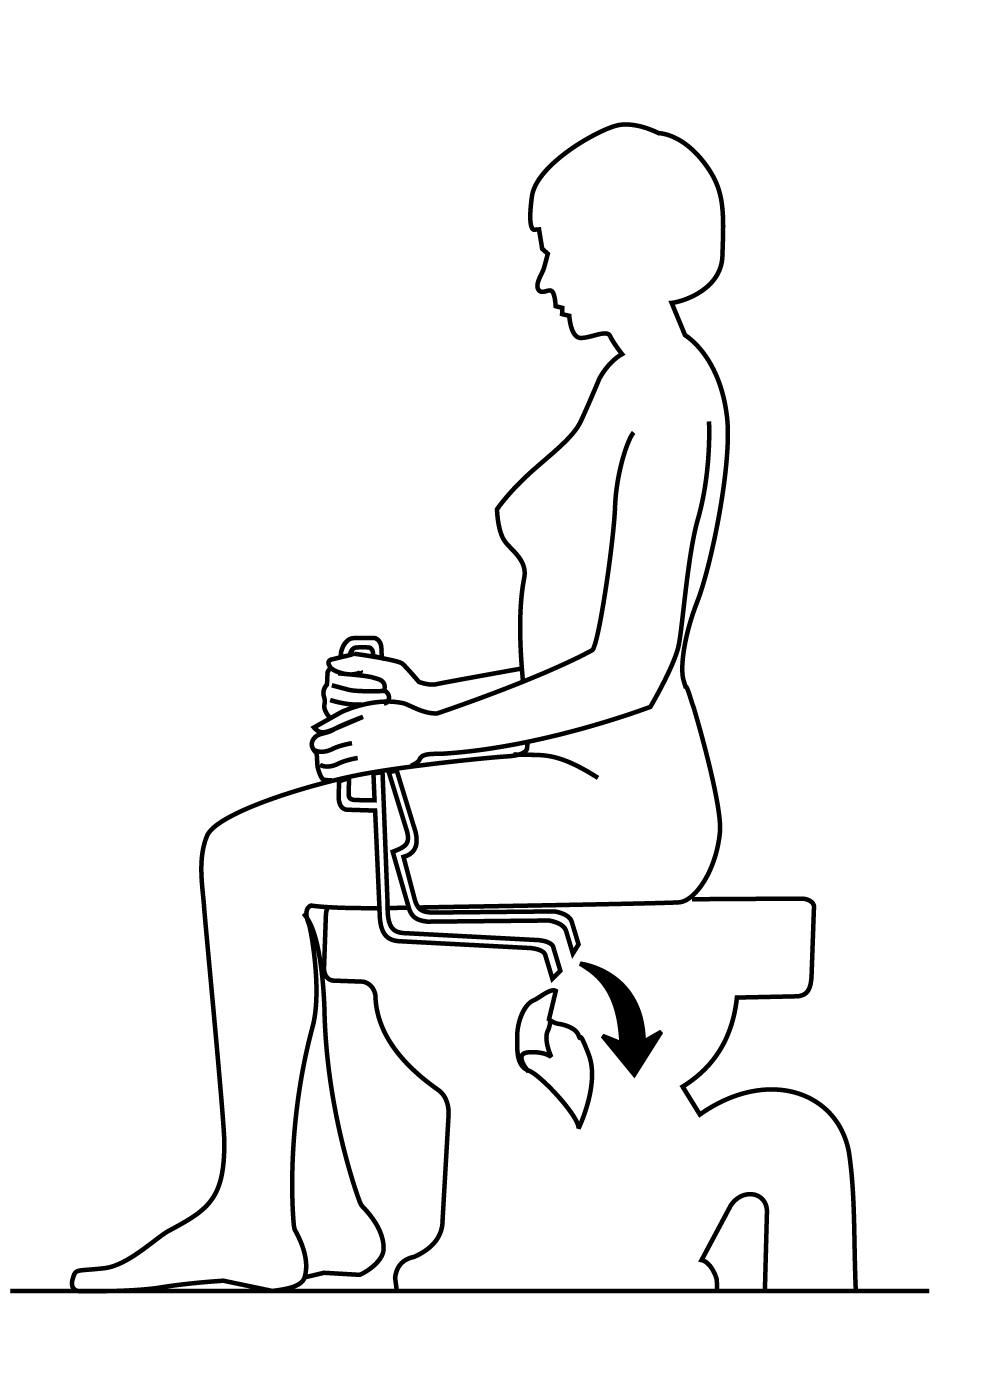 Etape 4 : ouvrez la pince et secouez là